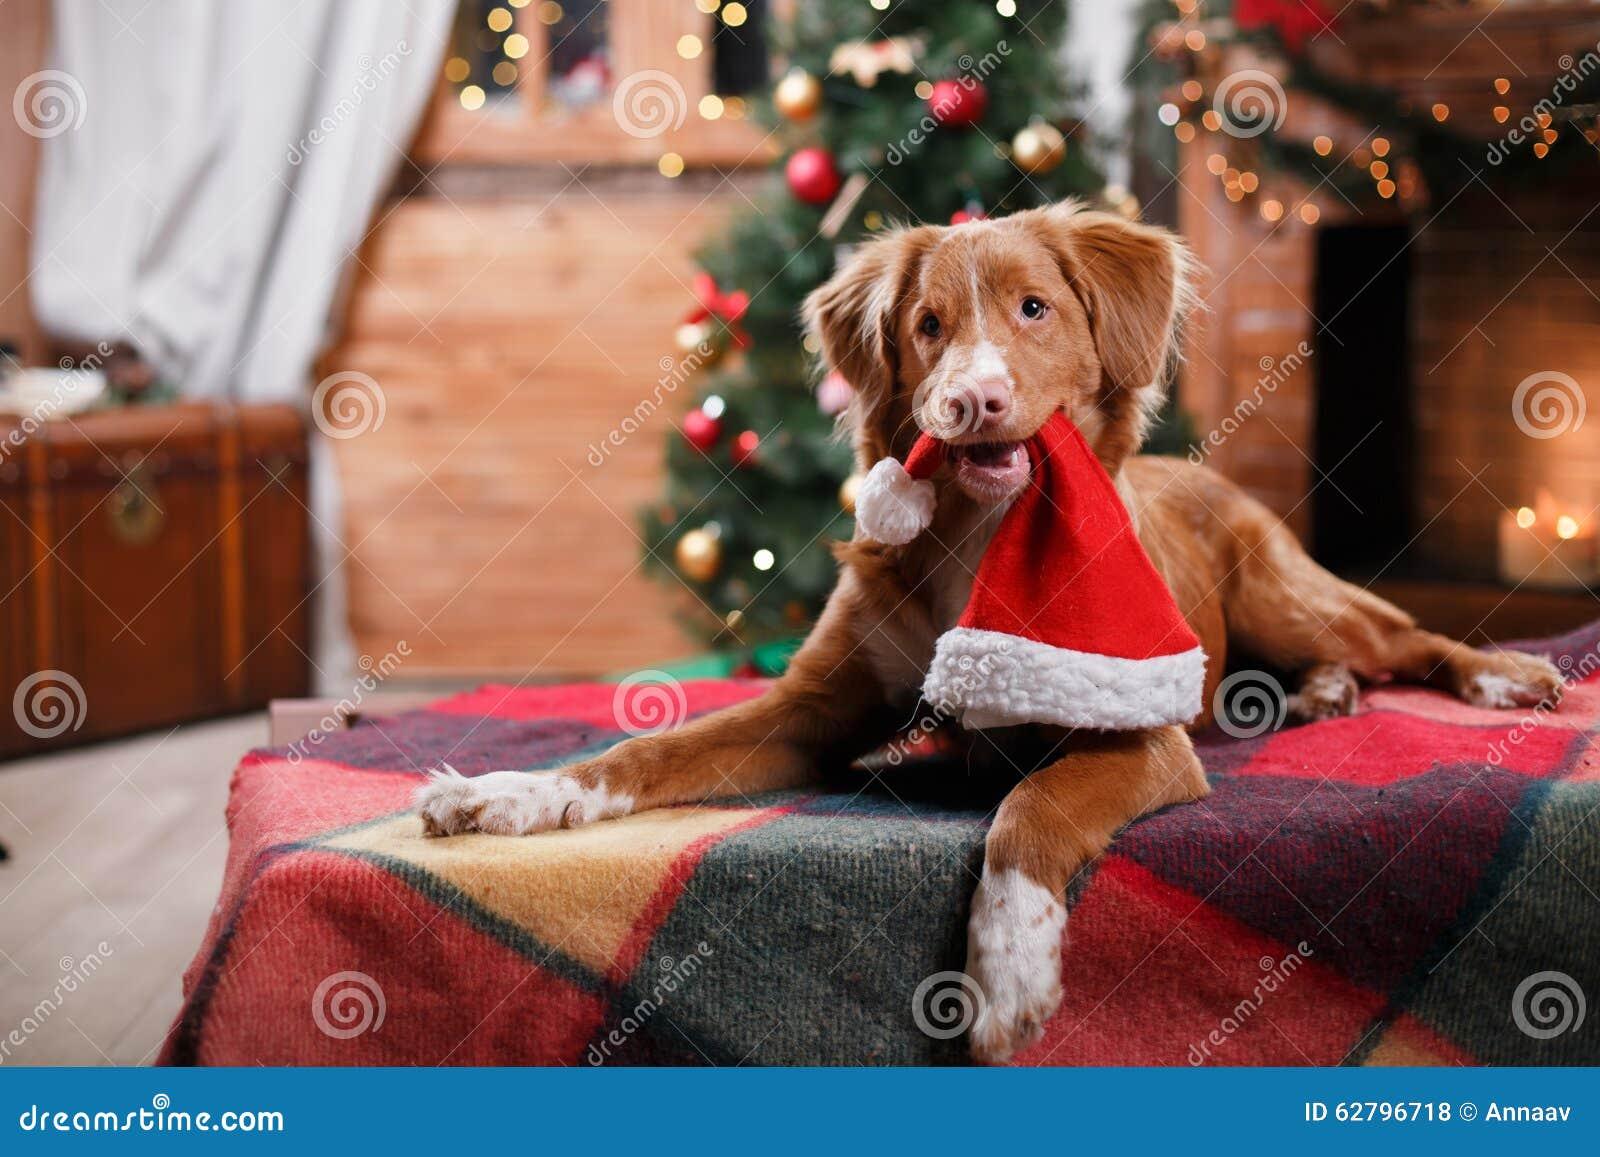 De vakantie van hondnova scotia duck tolling retriever, Kerstmis